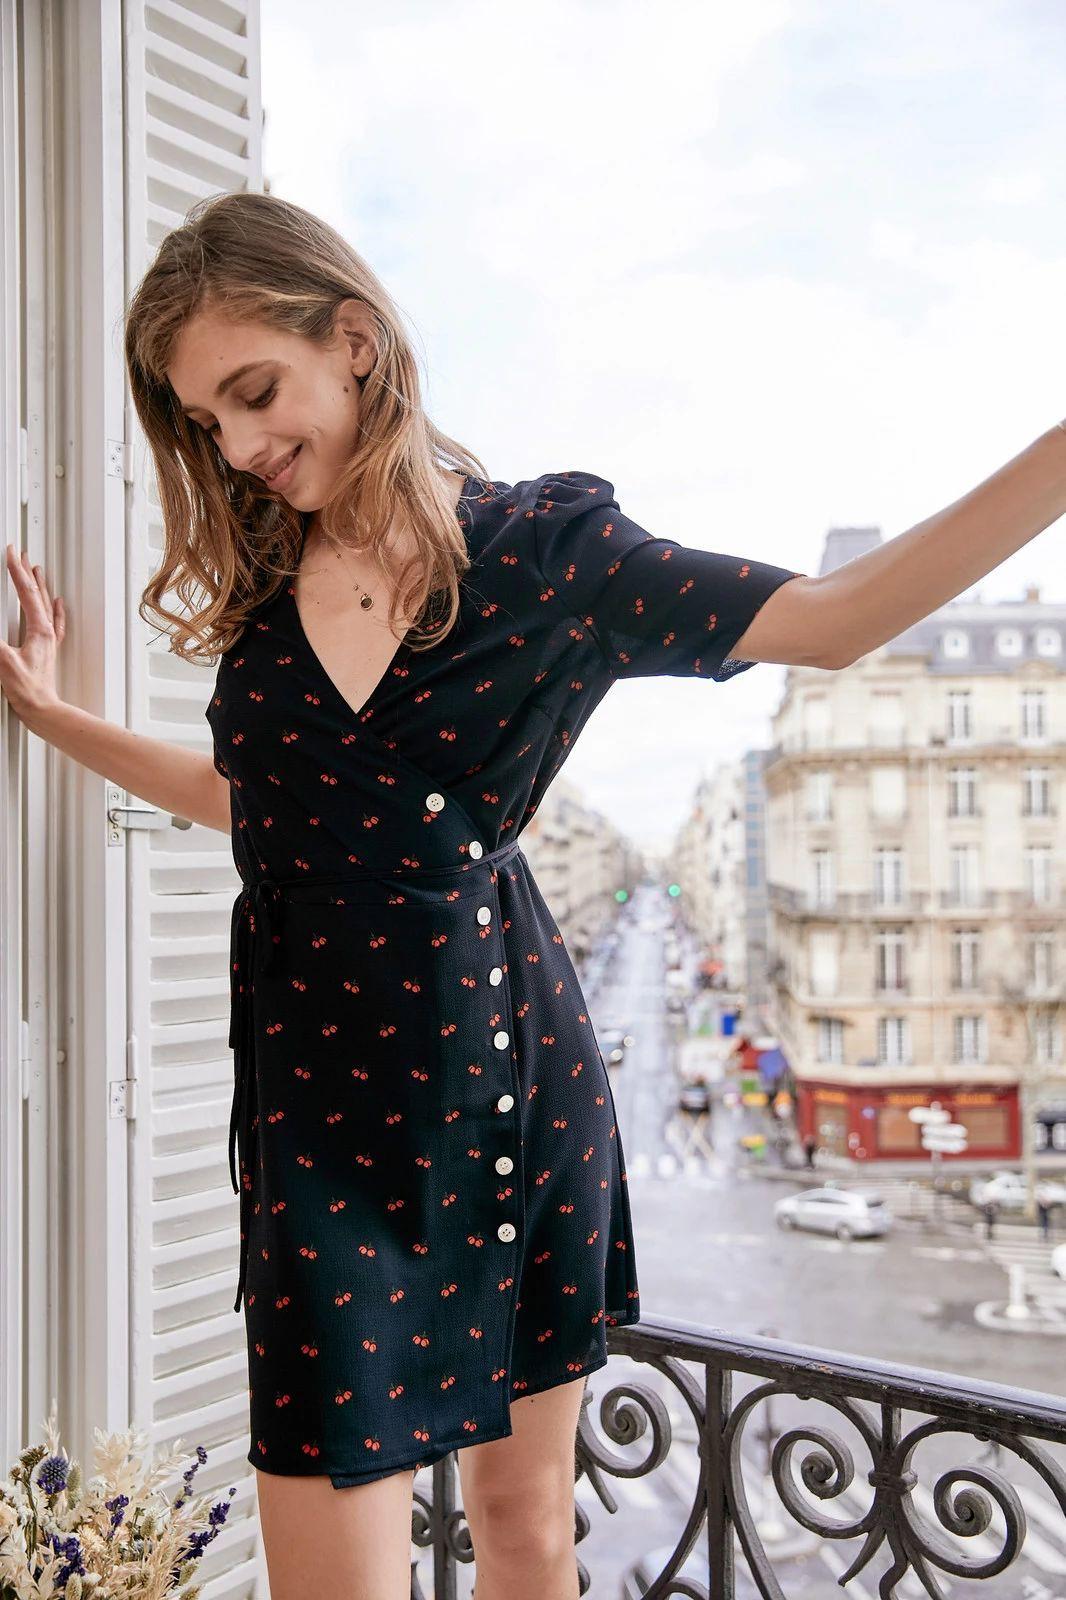 """Để luôn thanh lịch như những quý cô Paris, 5 items thời trang """"cộm cán"""" của họ sẽ là thứ mà bạn chẳng thể bỏ qua - Ảnh 3"""